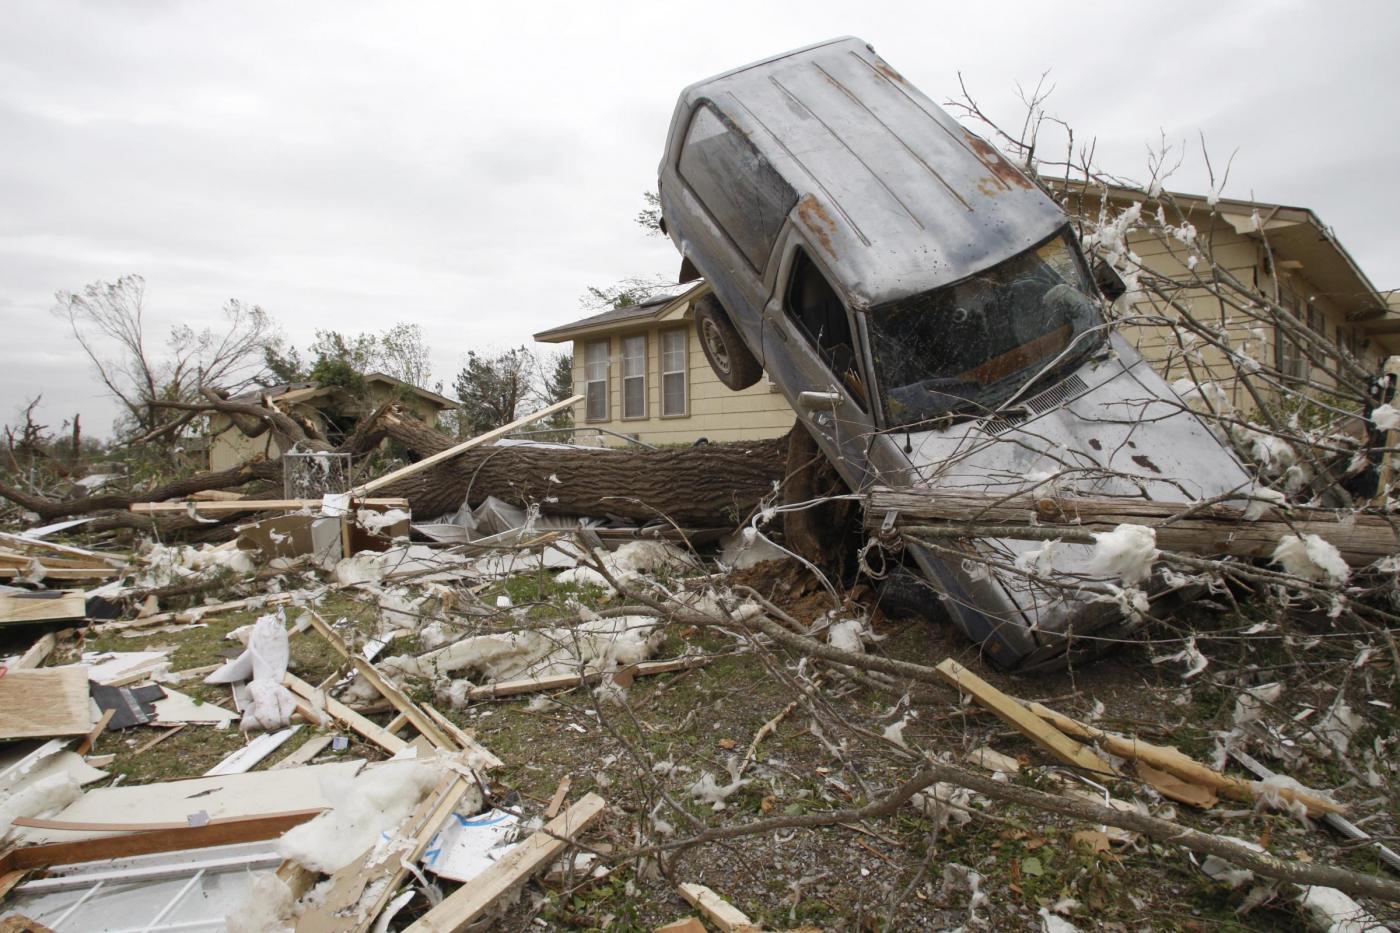 Uragani in Usa, torna l'incubo tornado: decine i morti